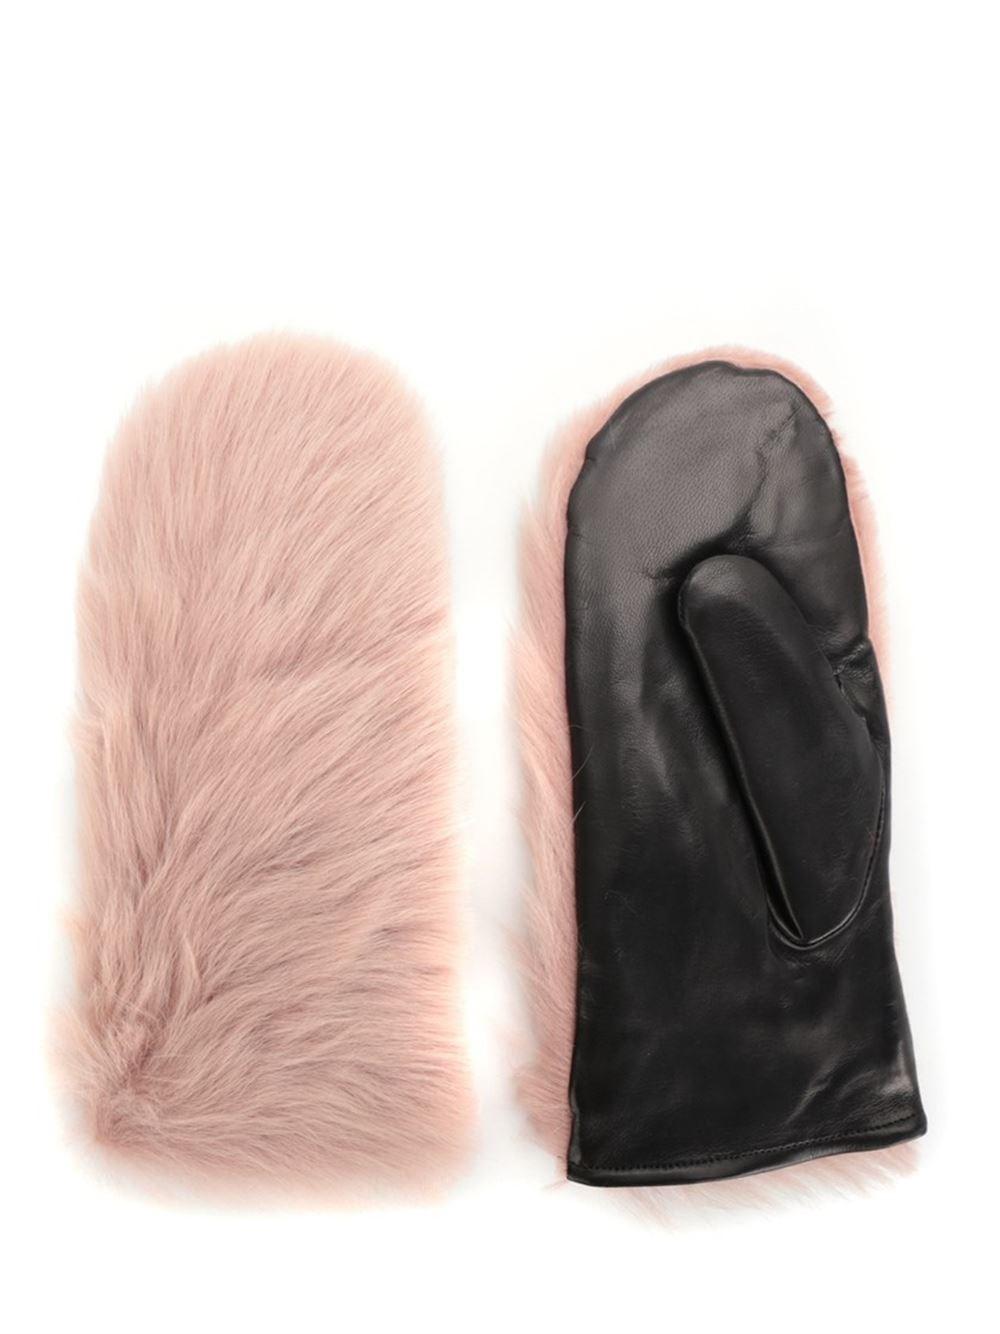 ONAR 'Hauff' Beige Gloves